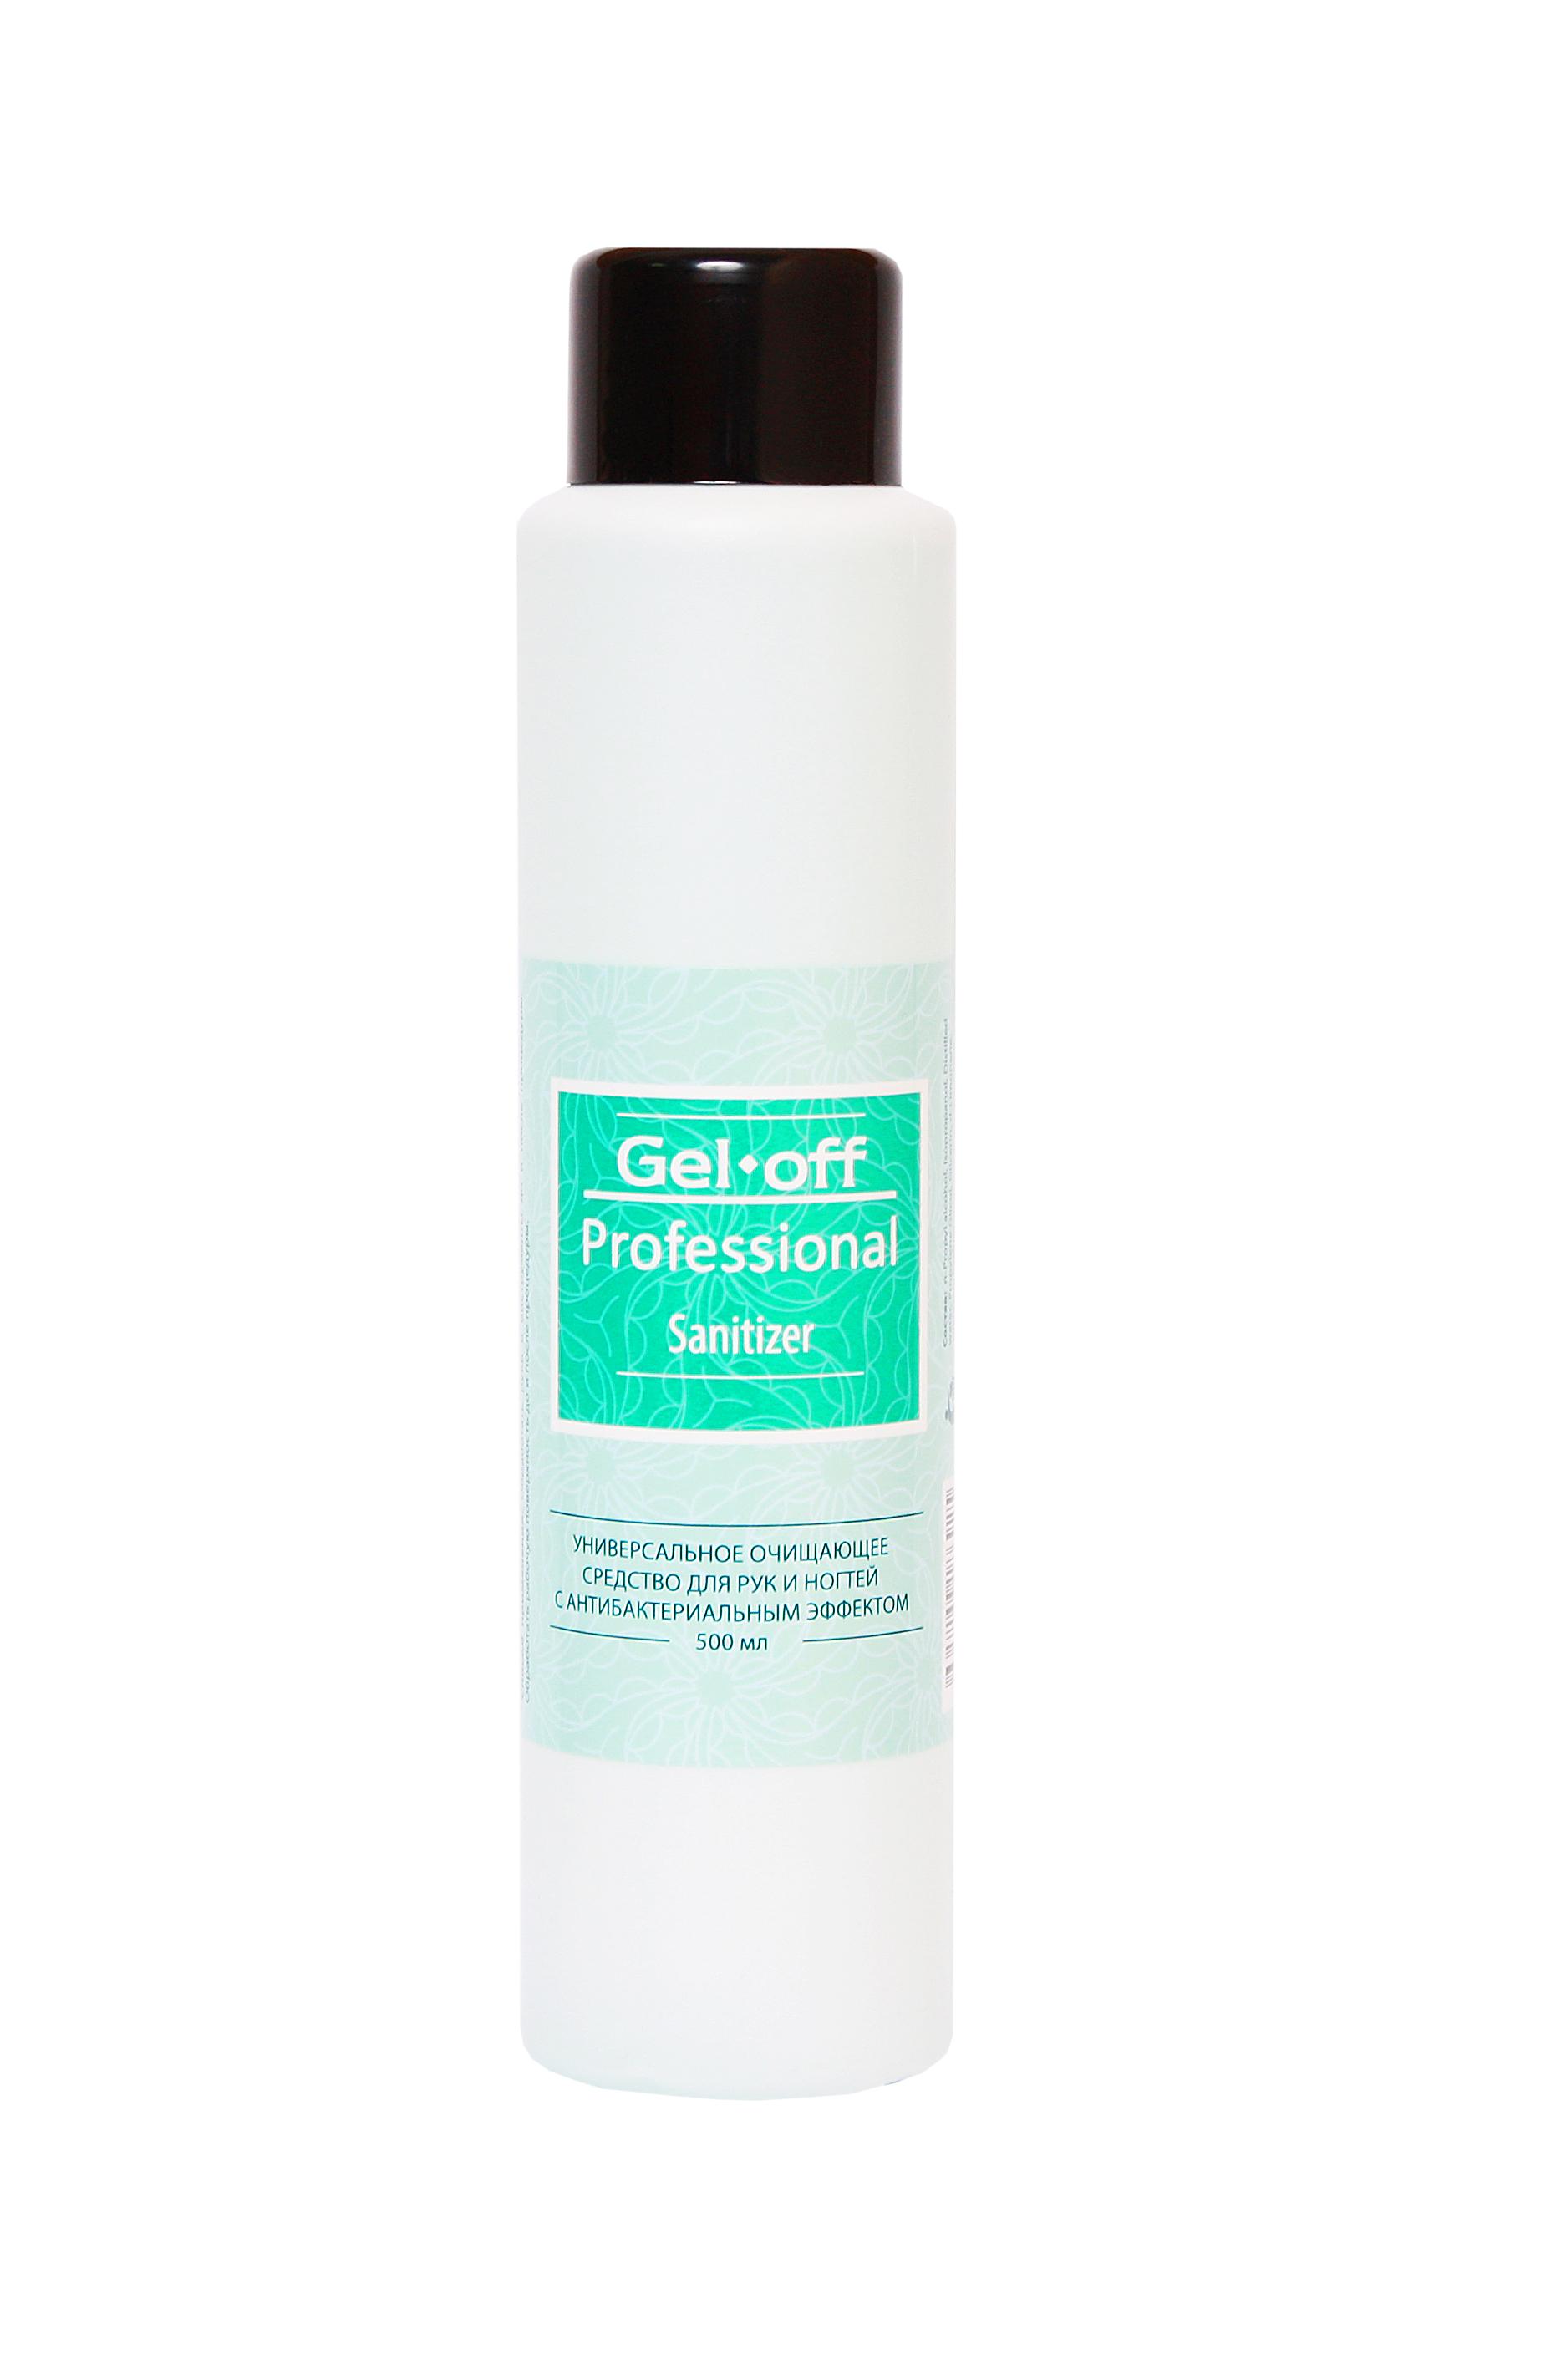 GEL-OFF Средство универсальное очищающее для рук и ногтей с антибактериальным эффектом / Gel Off Professional Sanitizer 500 мл - Дезинфицирующие средства